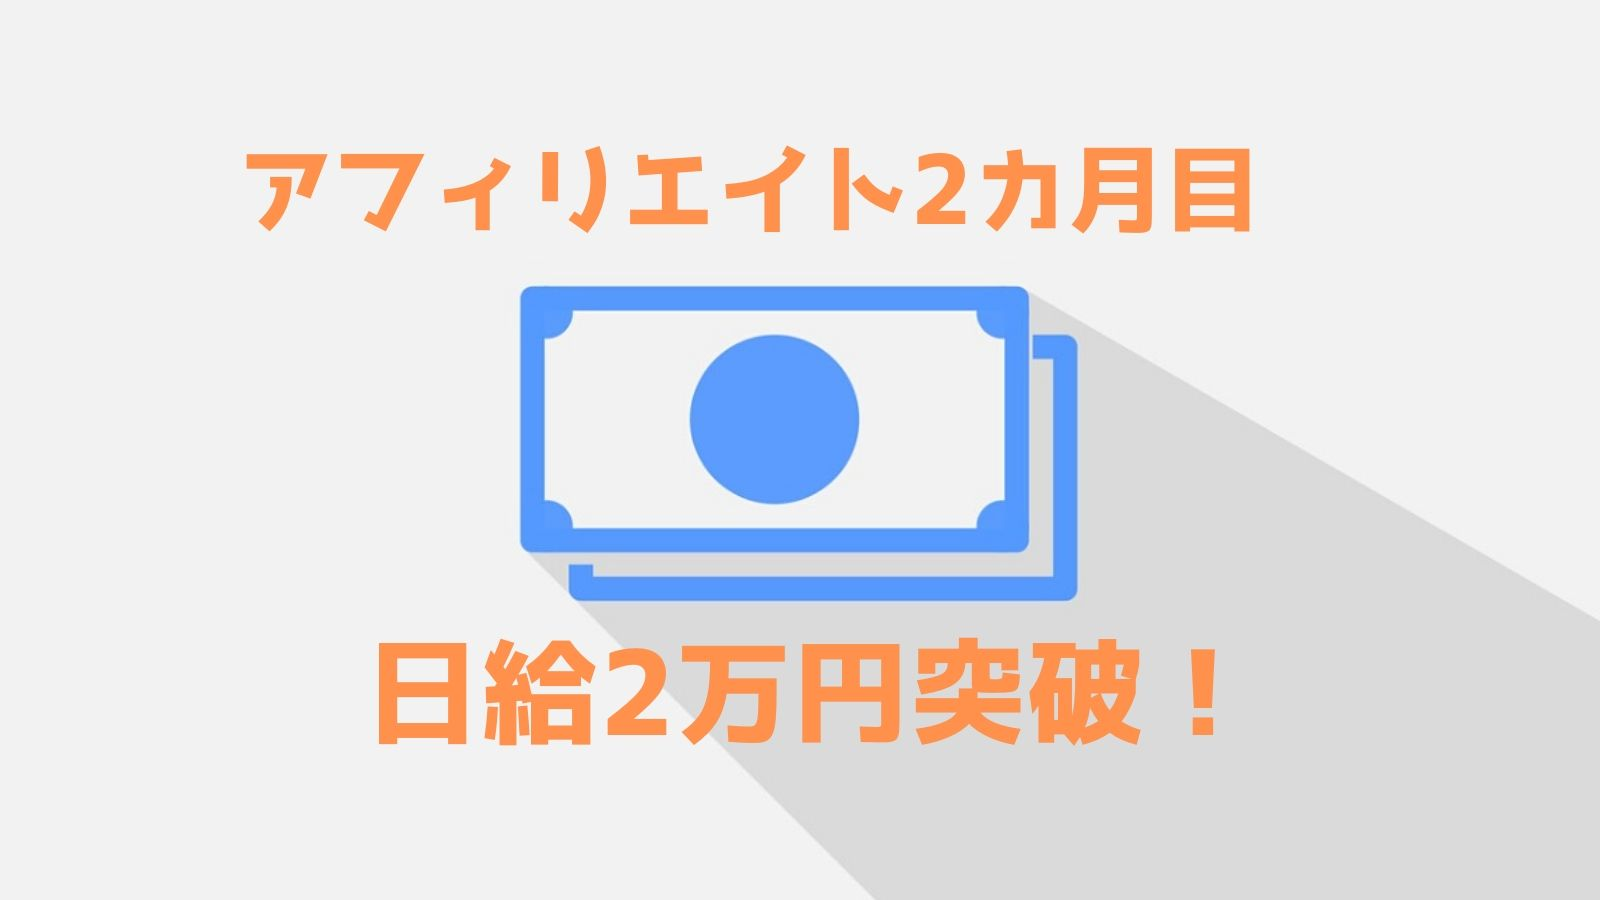 アフィリエイト2カ月目、 日給2万円突破!